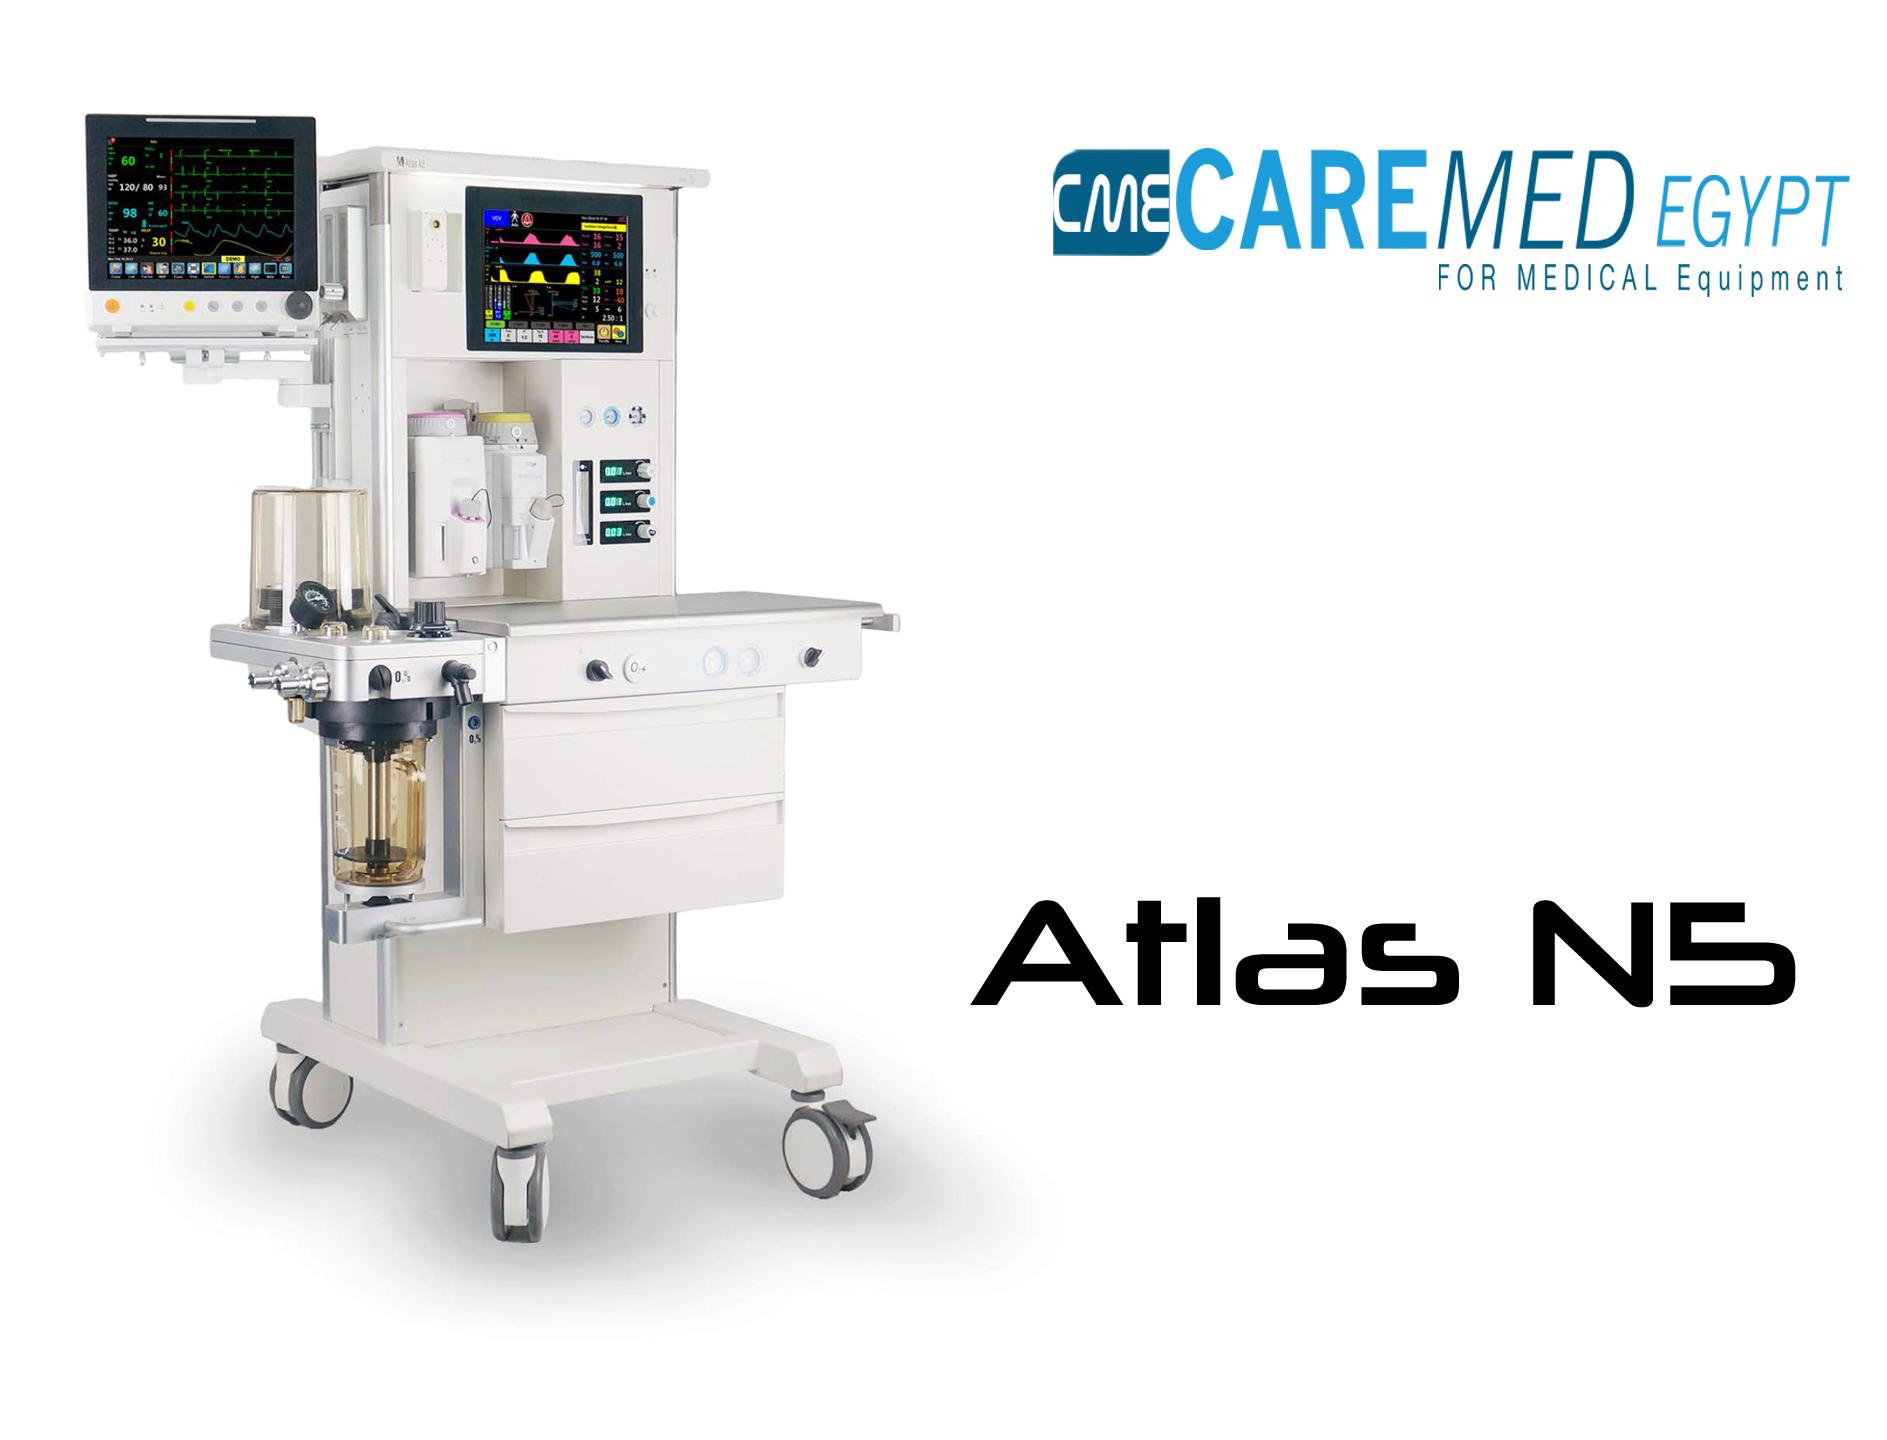 Atlas N5